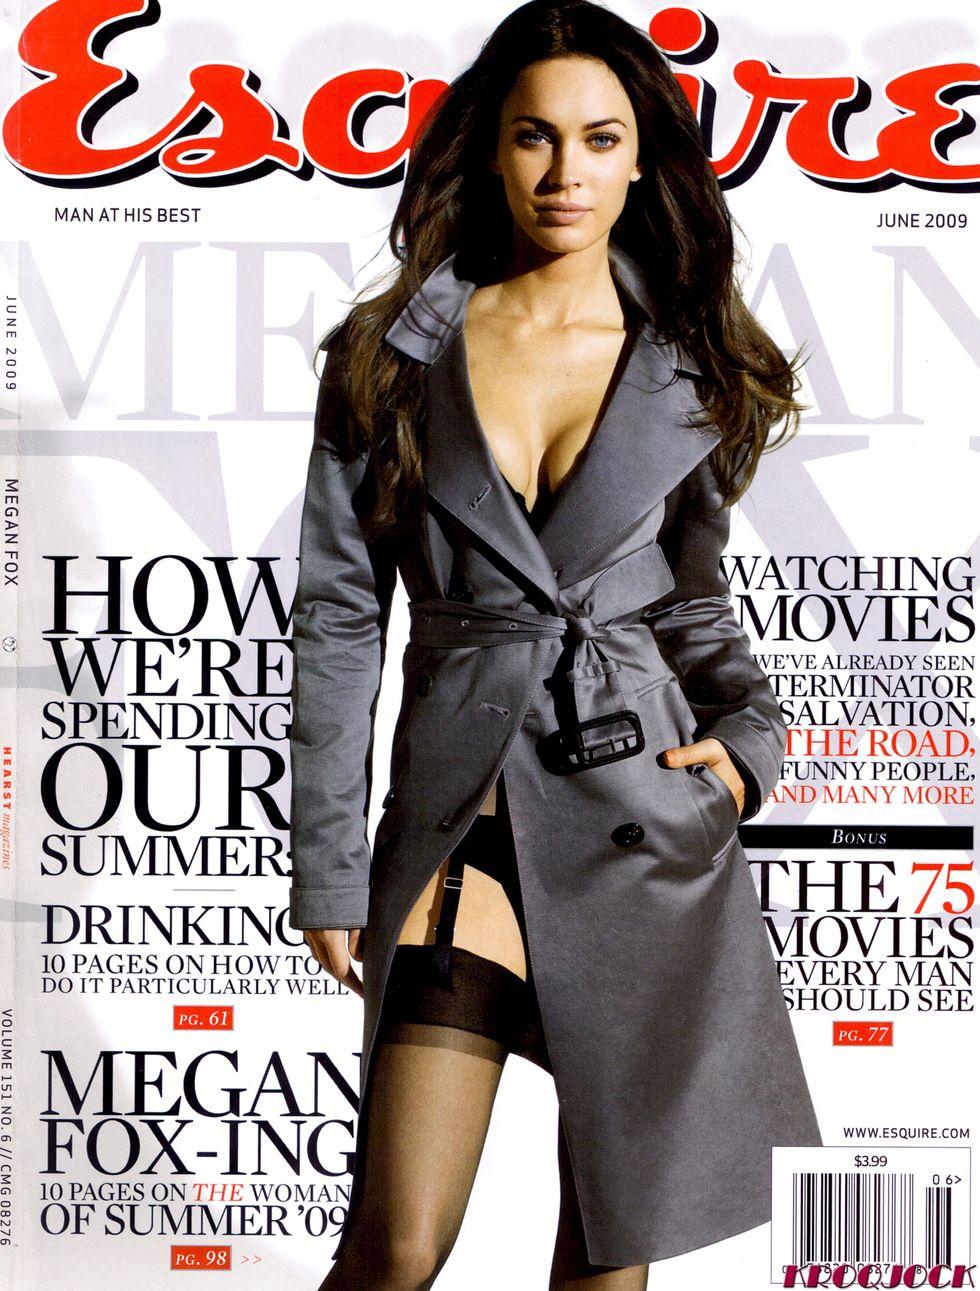 megan-fox-esquire-magazine-june-2009-01